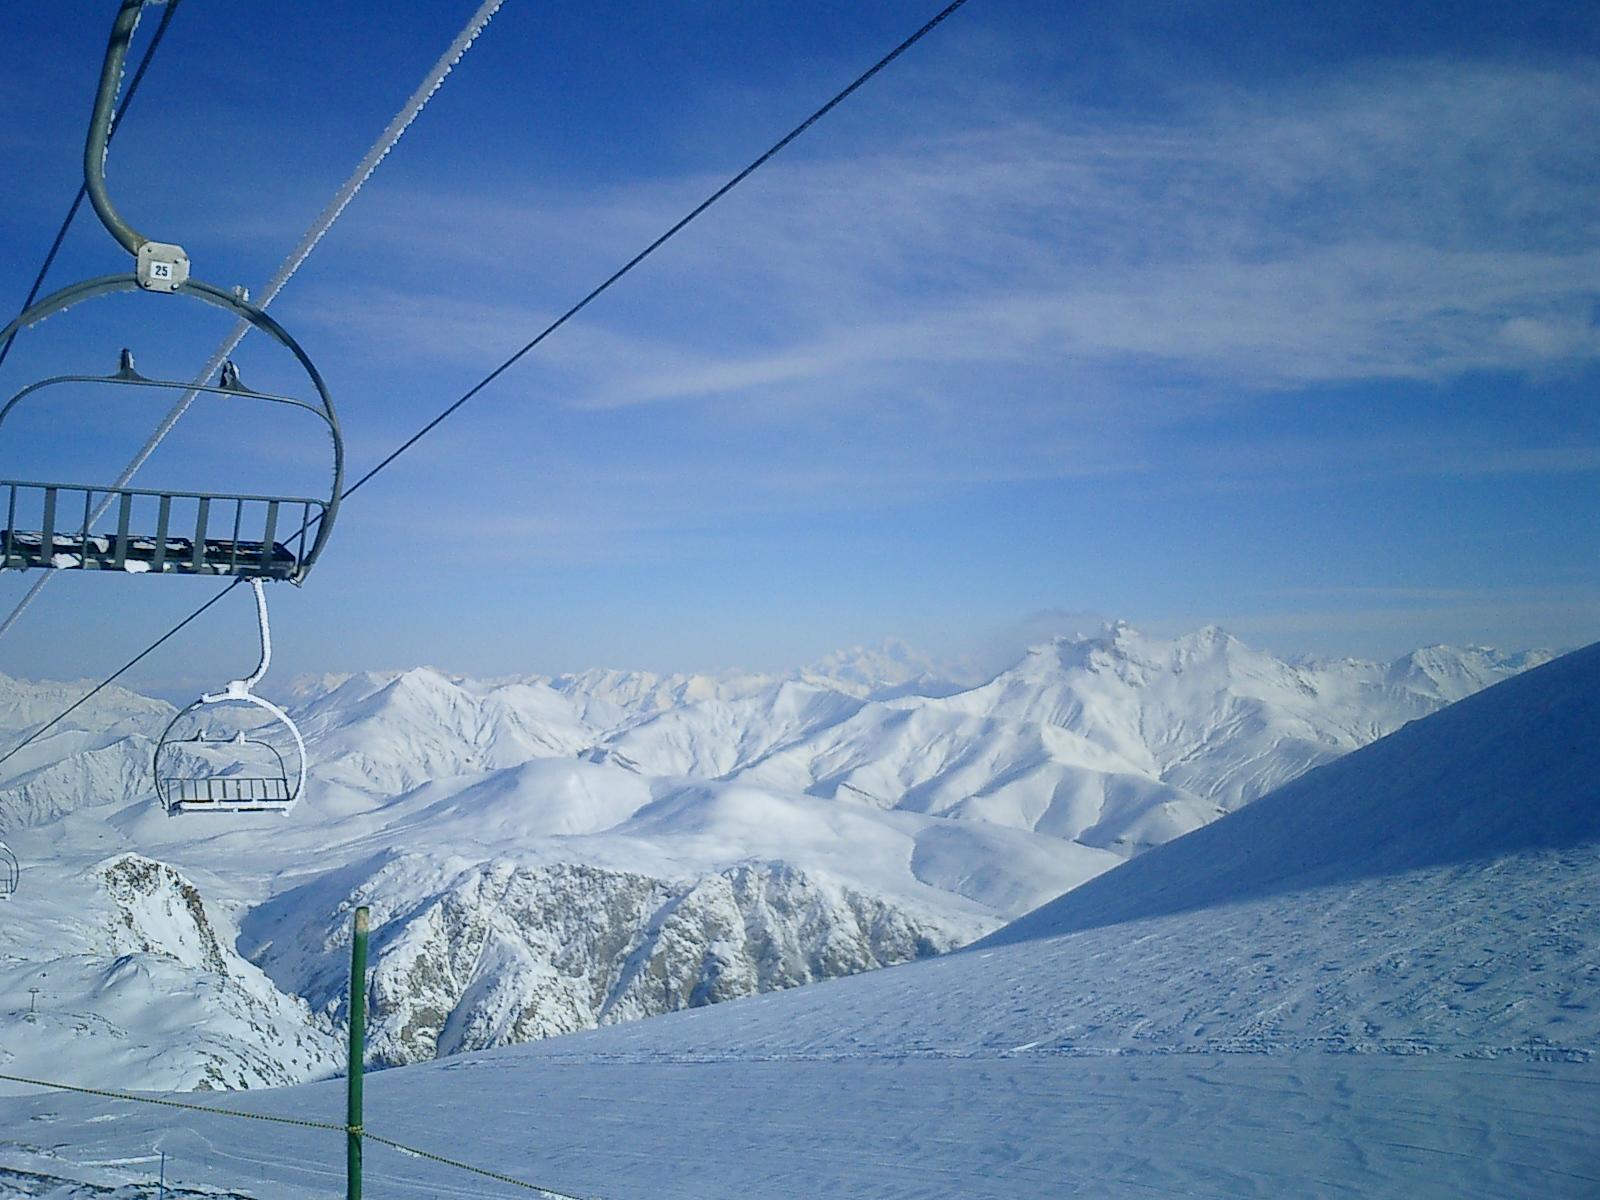 Les 2 Alps, Les Deux Alpes